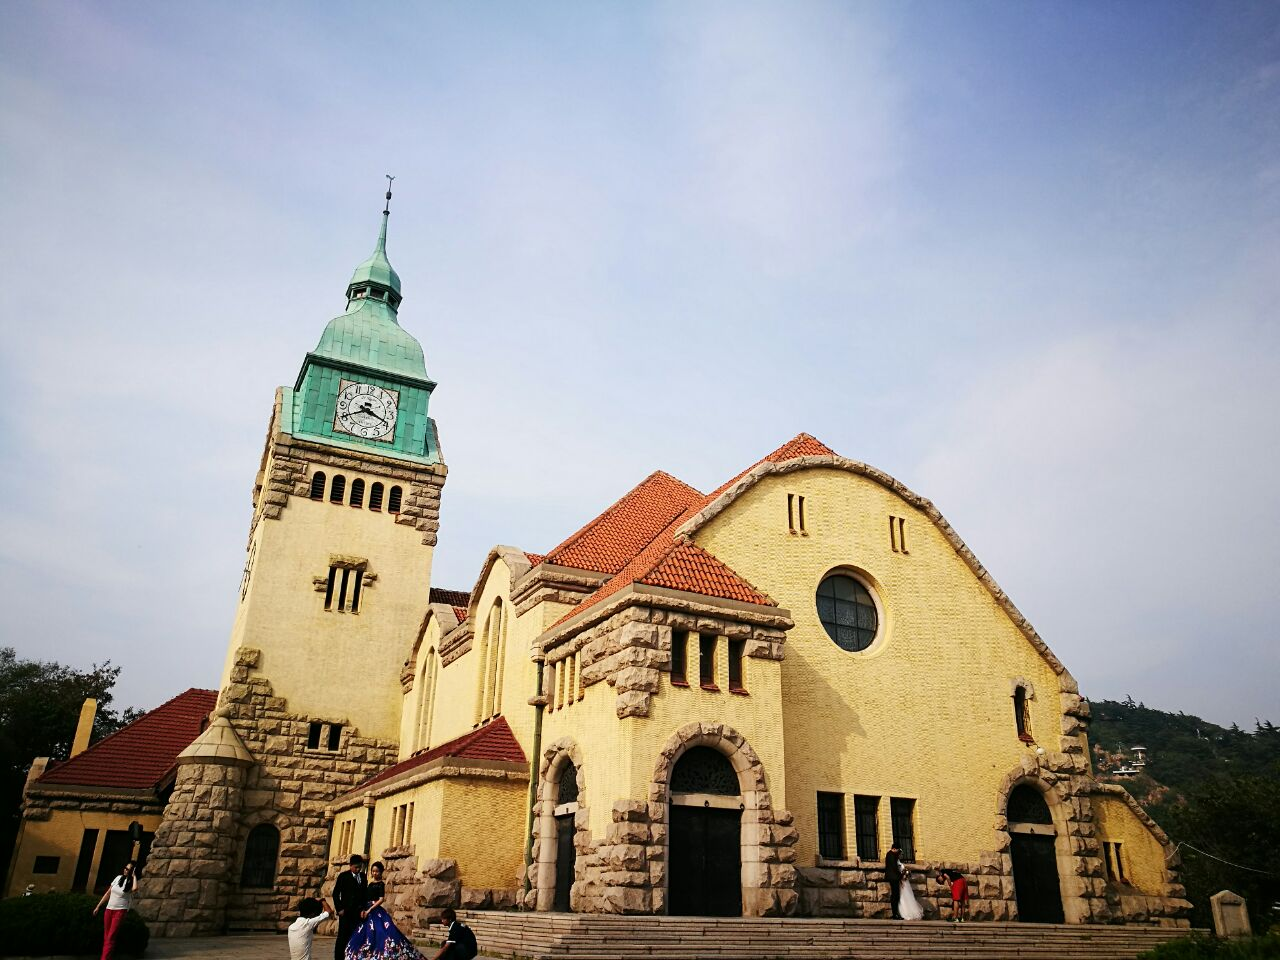 位于龙山路和江苏路附近的这座基督教堂,原名福音堂,是青岛著名的宗教建筑。1910年10月落成,距今已有100多年的历史了。这是座典型德国建筑风格的教堂,基督教堂整体建筑均由石头堆砌而成,分为礼堂和钟楼两部分,站在远处观看,黄色和绿色的搭配更有一种童话的感觉!绿色铜片、红色筒瓦、蘑菇石、三口钟均为1909年原装设备,机械报时钟历经风雨历经岁月,依旧运行正常,钟表时间至今仍然分秒不差!去参观时有幸赶上了一场完整的教堂婚礼,新郎和新娘在神的见证下,在众人的祝福中,郑重宣誓、生老病死、不离不弃,一起携手走向红毯的